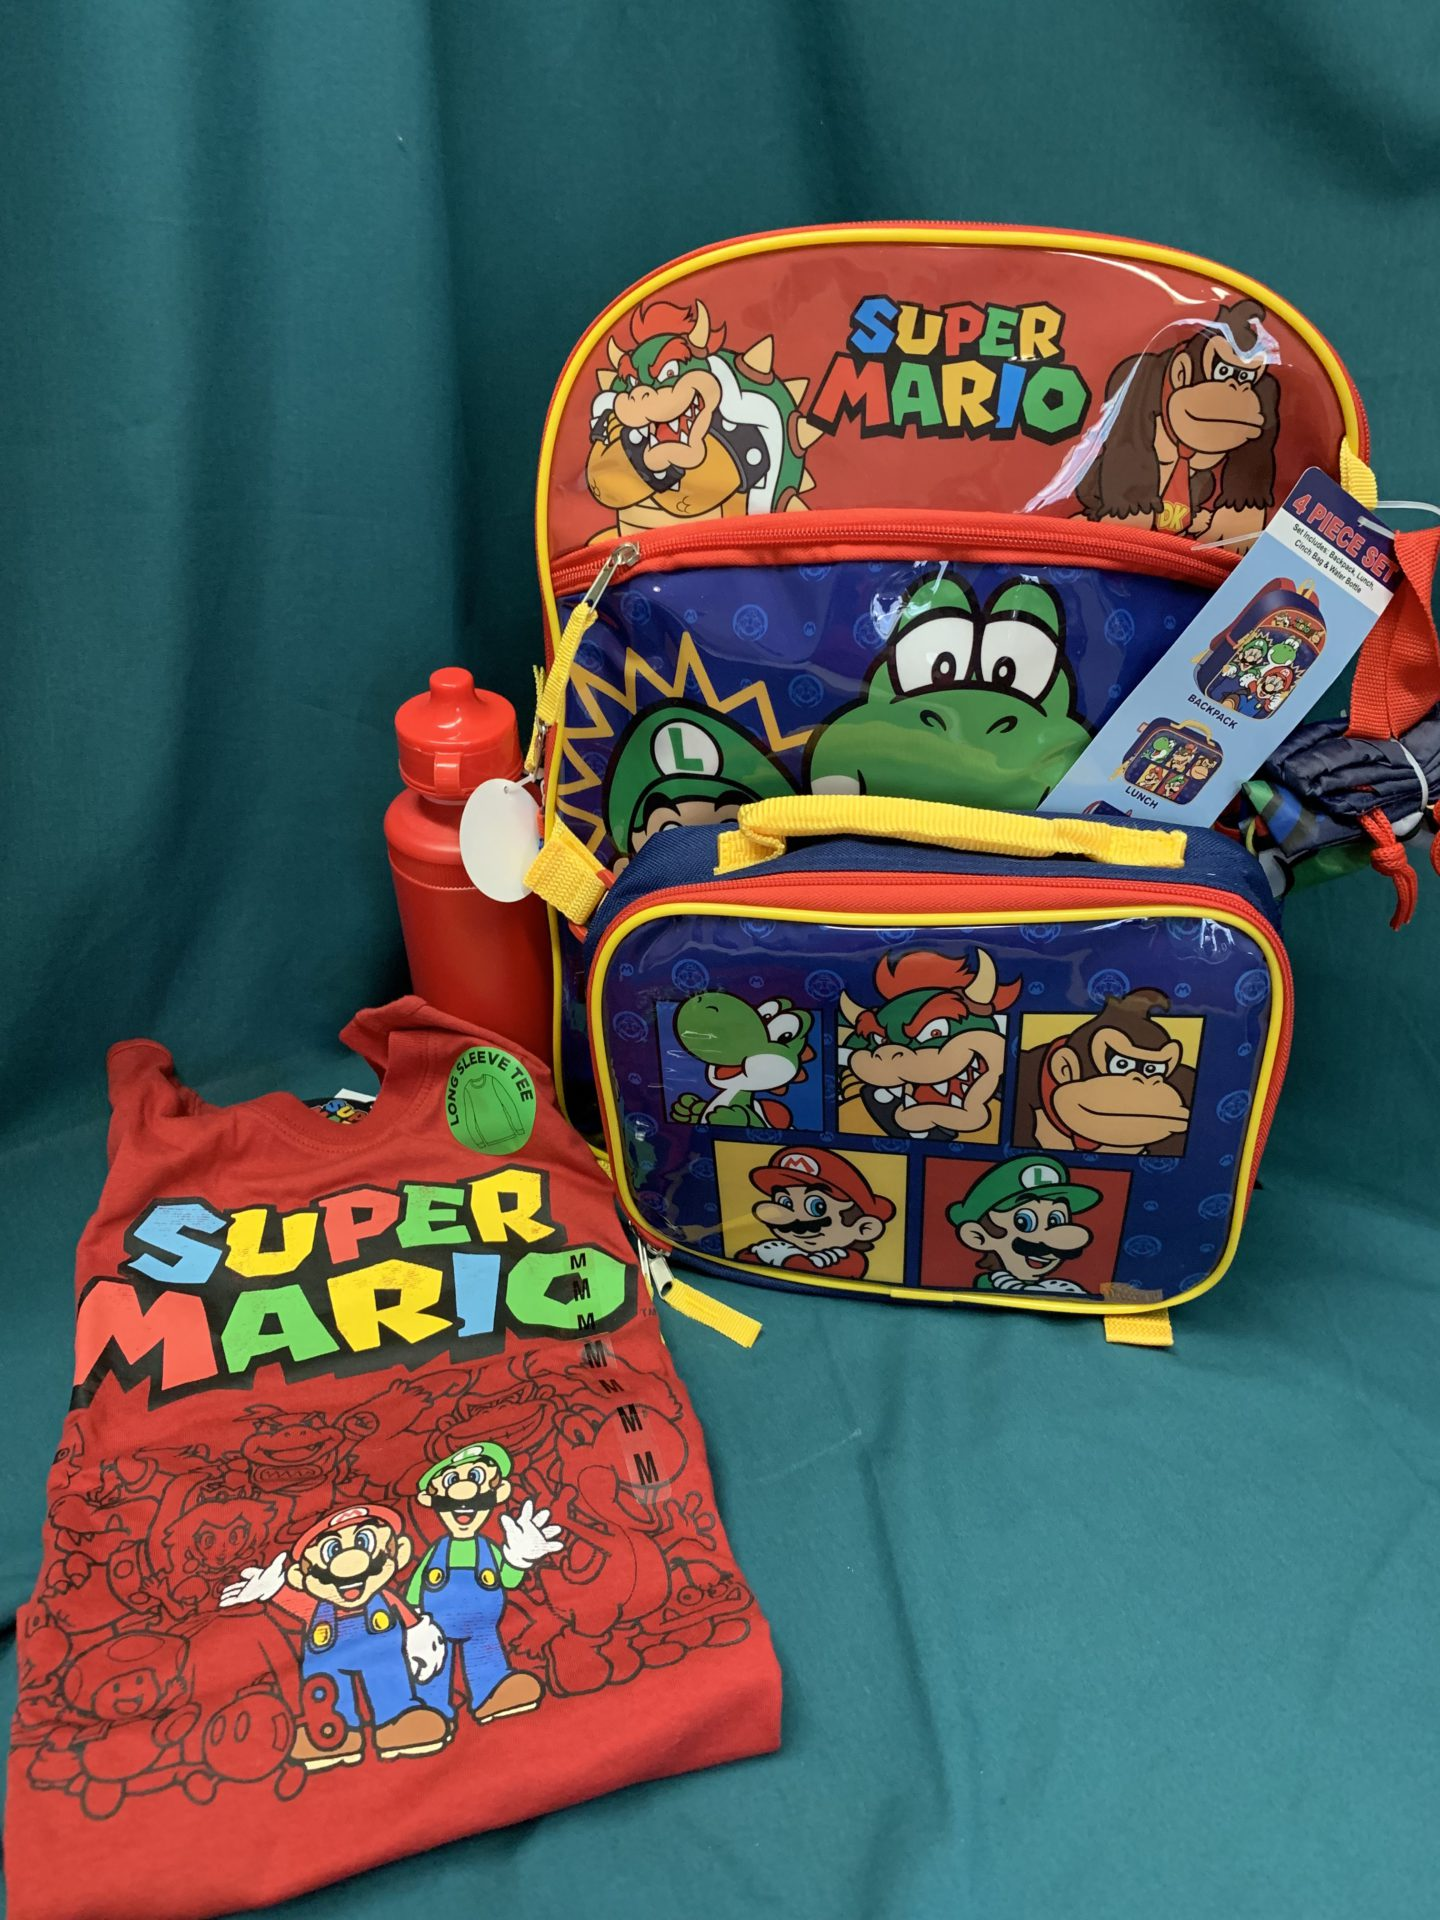 105 Super Mario set